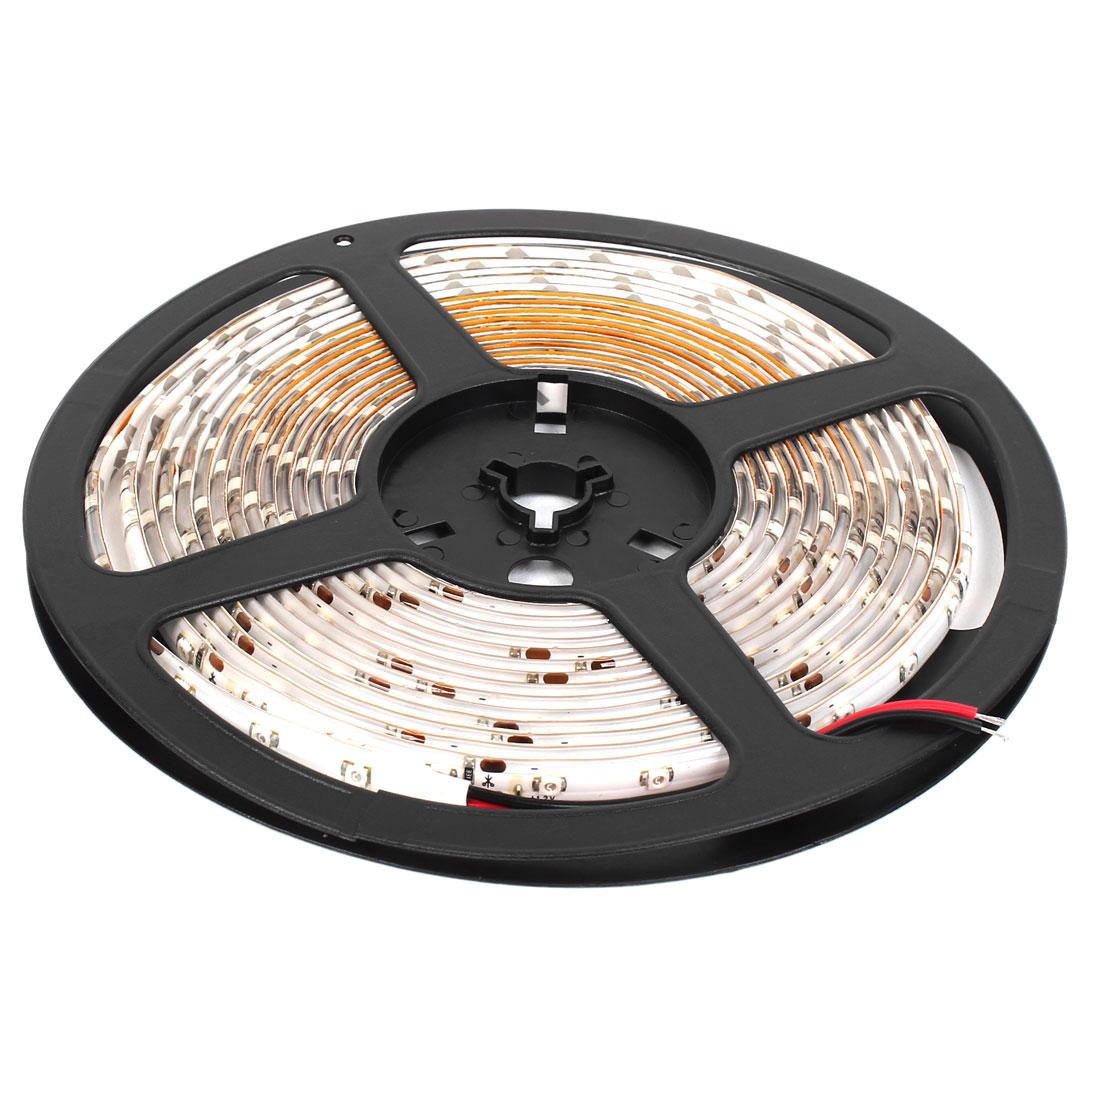 Indoor DC 12V Red 3528 SMD 300 LEDs Waterproof Flexible LED Strip Light 5M